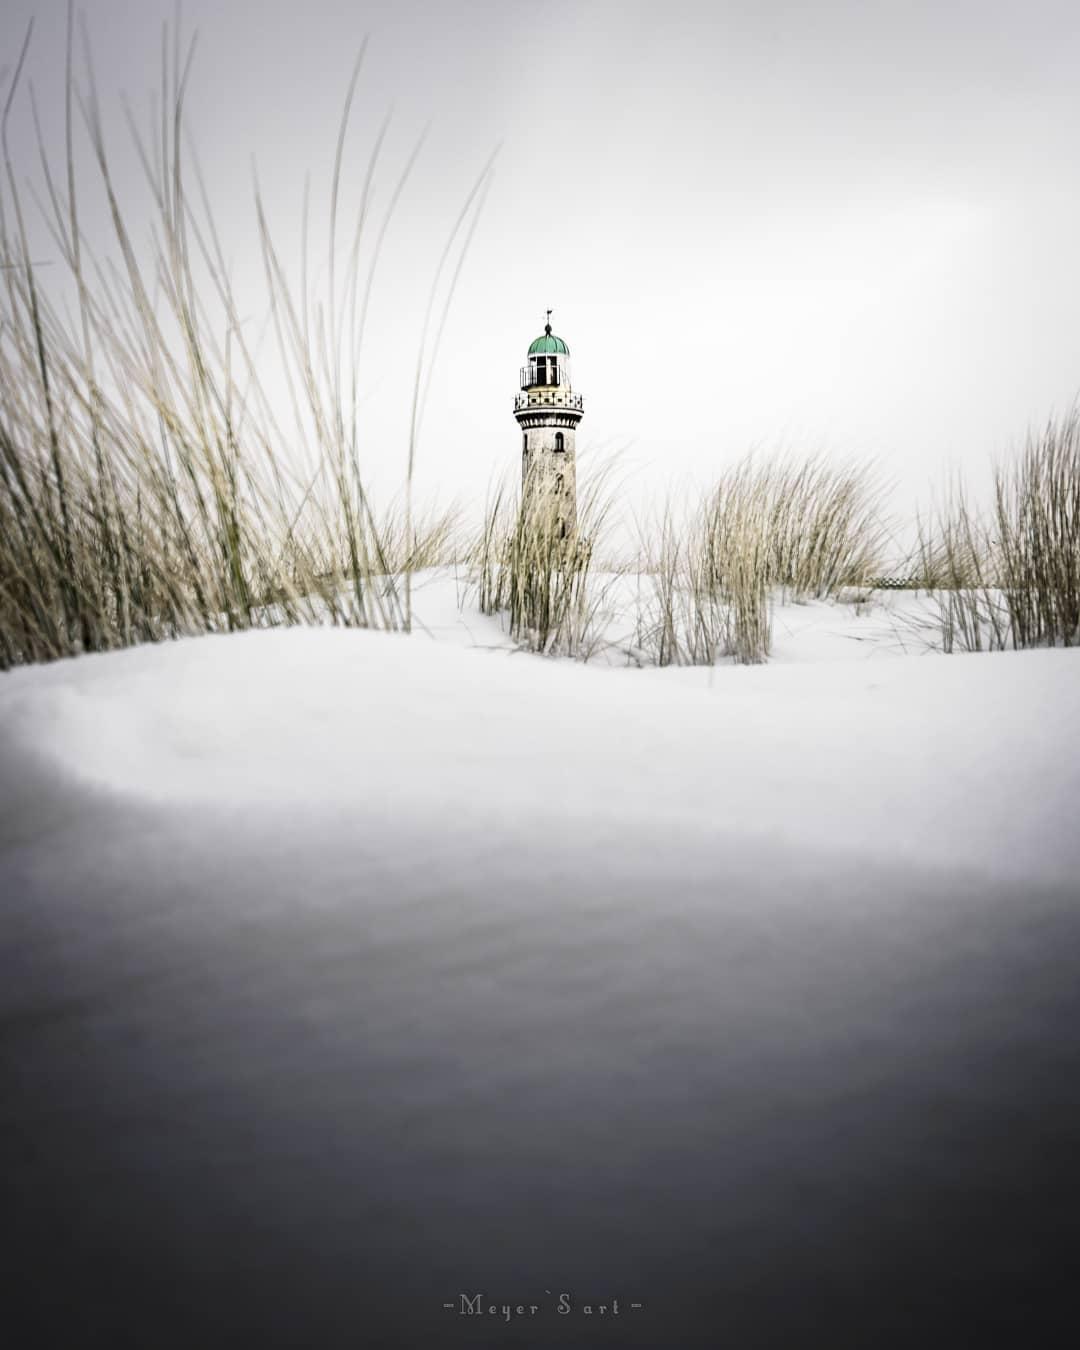 Пейзажи и уличные снимки от Марио Майера